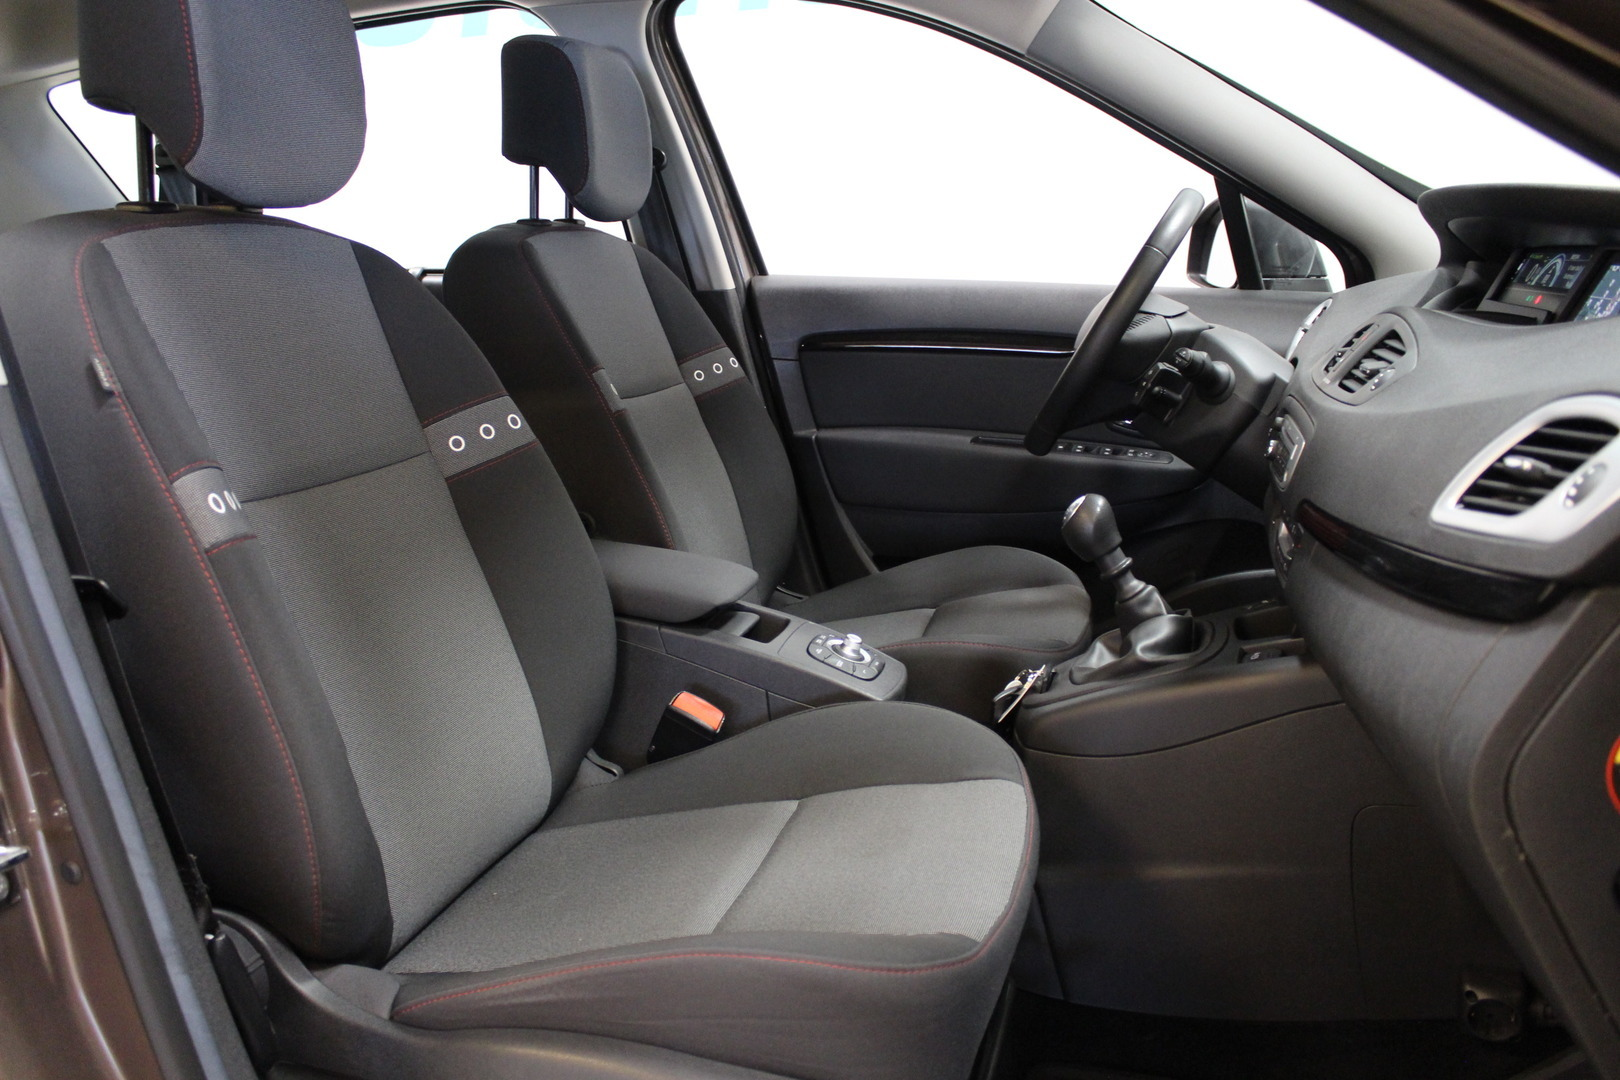 Renault Scenic, TCe 115 S&S Expression #1-Omisteinen #Huippusiisti #Hyvin varusteltu! #Kotiin toimitettuna!